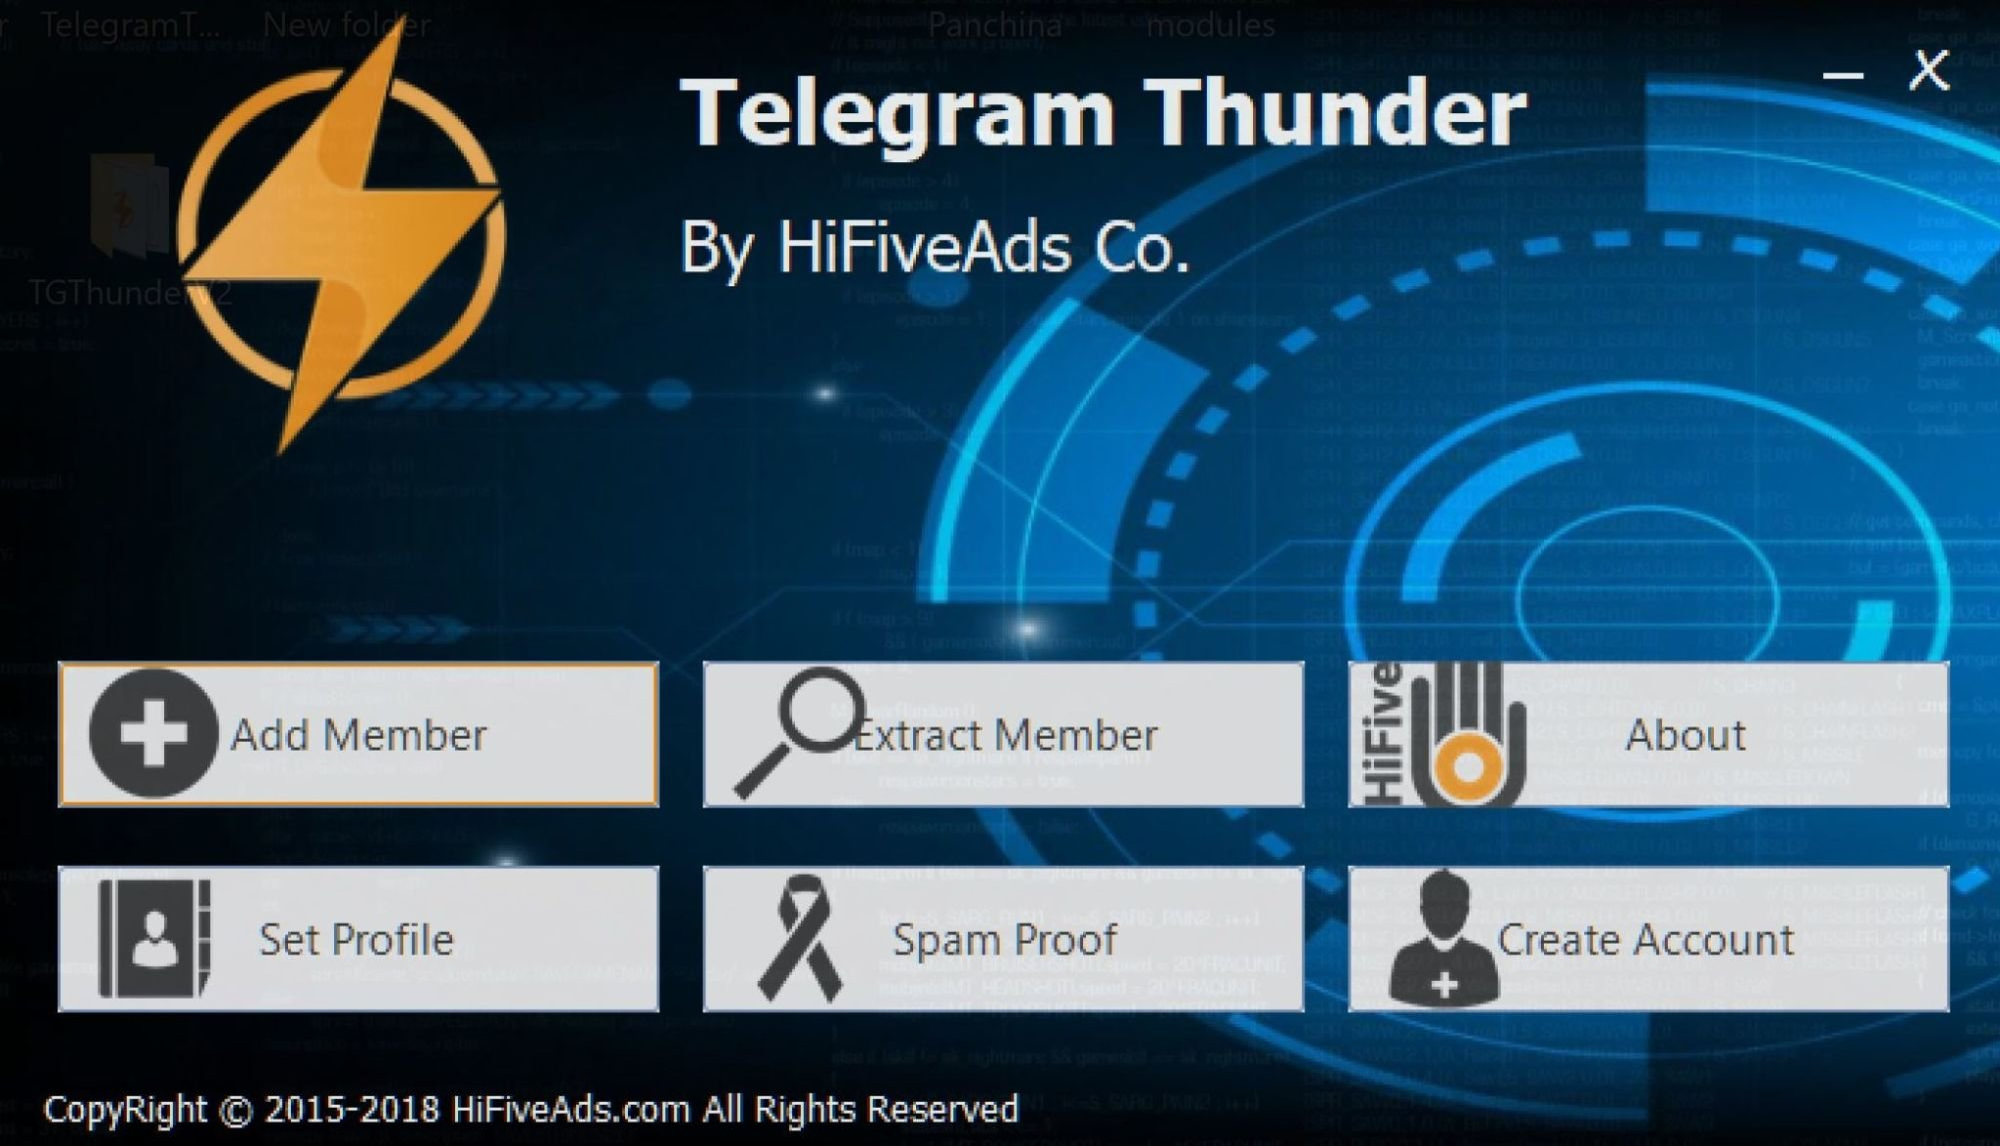 Telegram Thunder